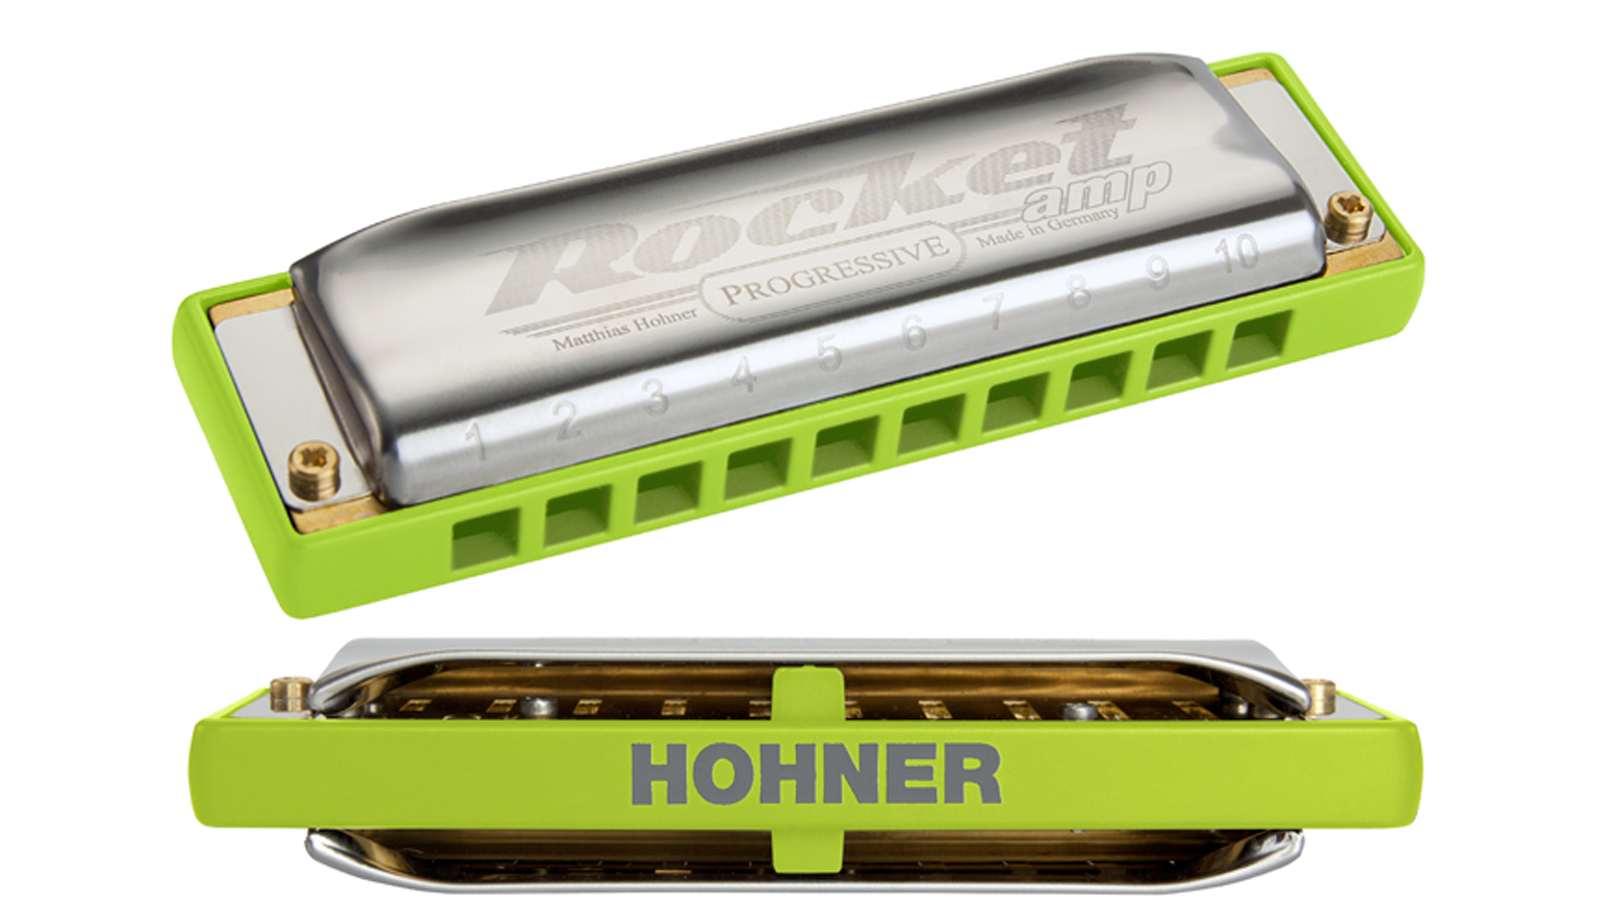 Hohner Rocket-Amp E-Dur Mundharmonika